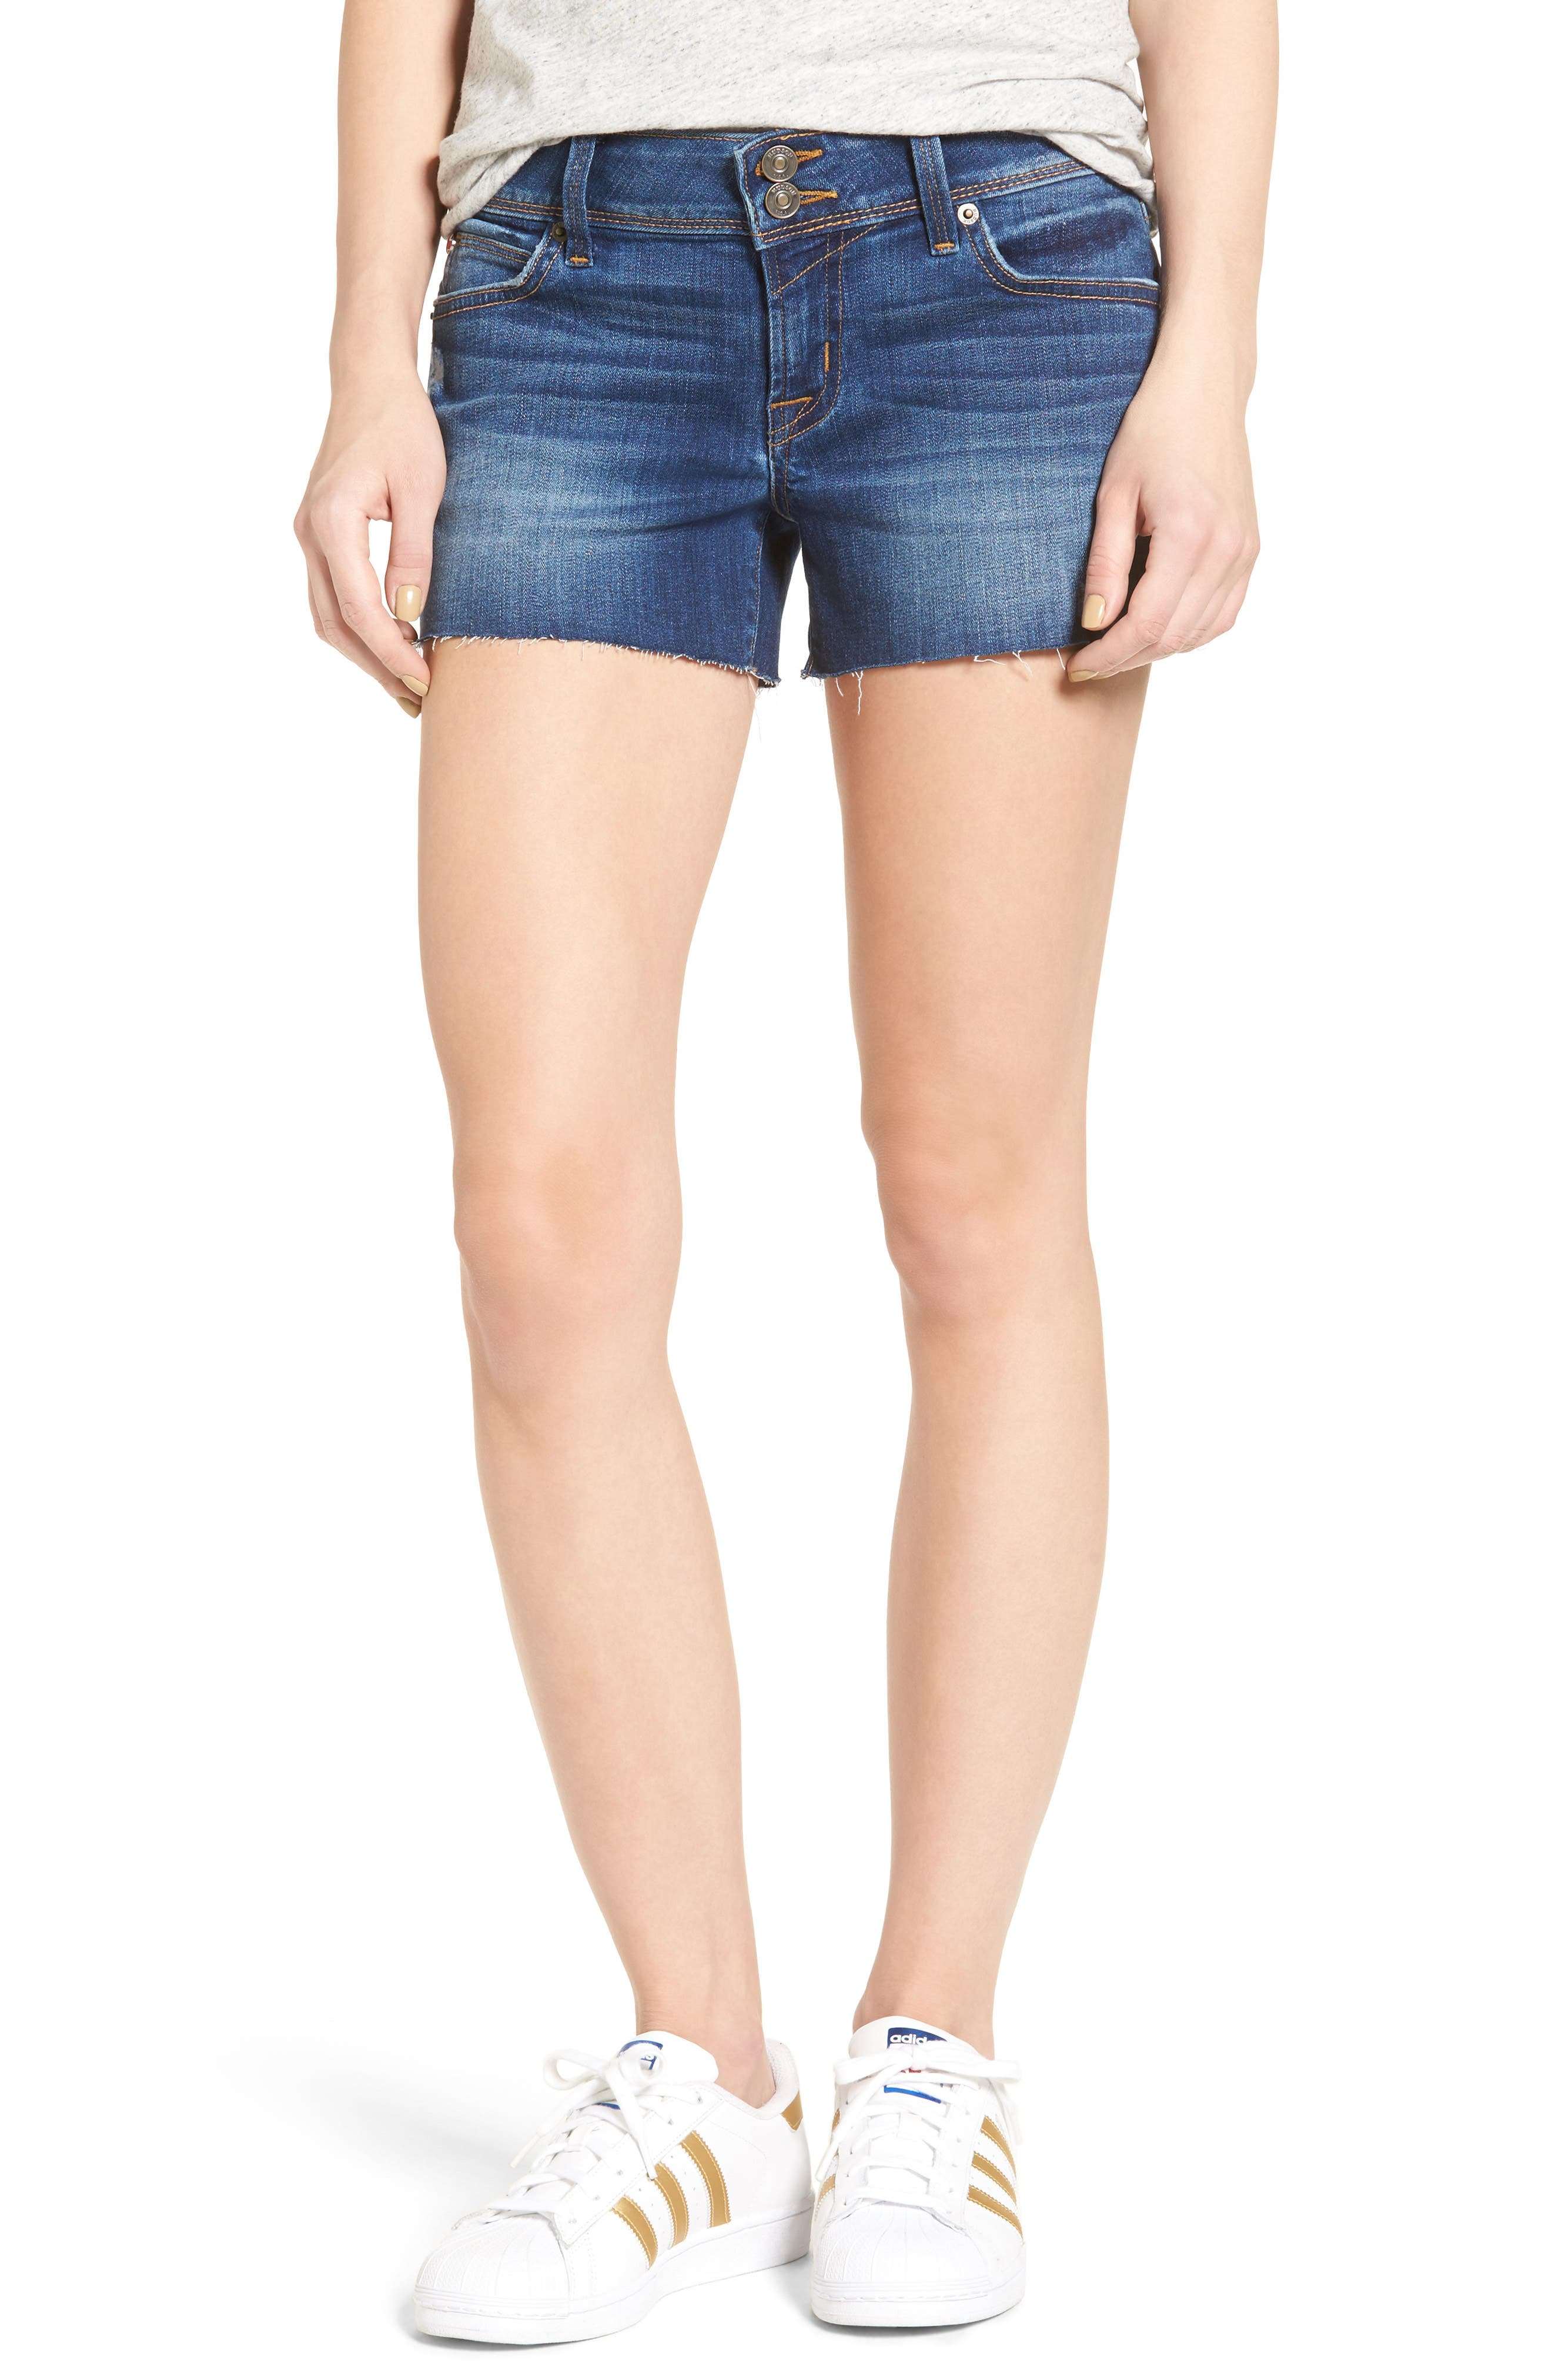 Croxley Cutoff Denim Shorts,                         Main,                         color, 401